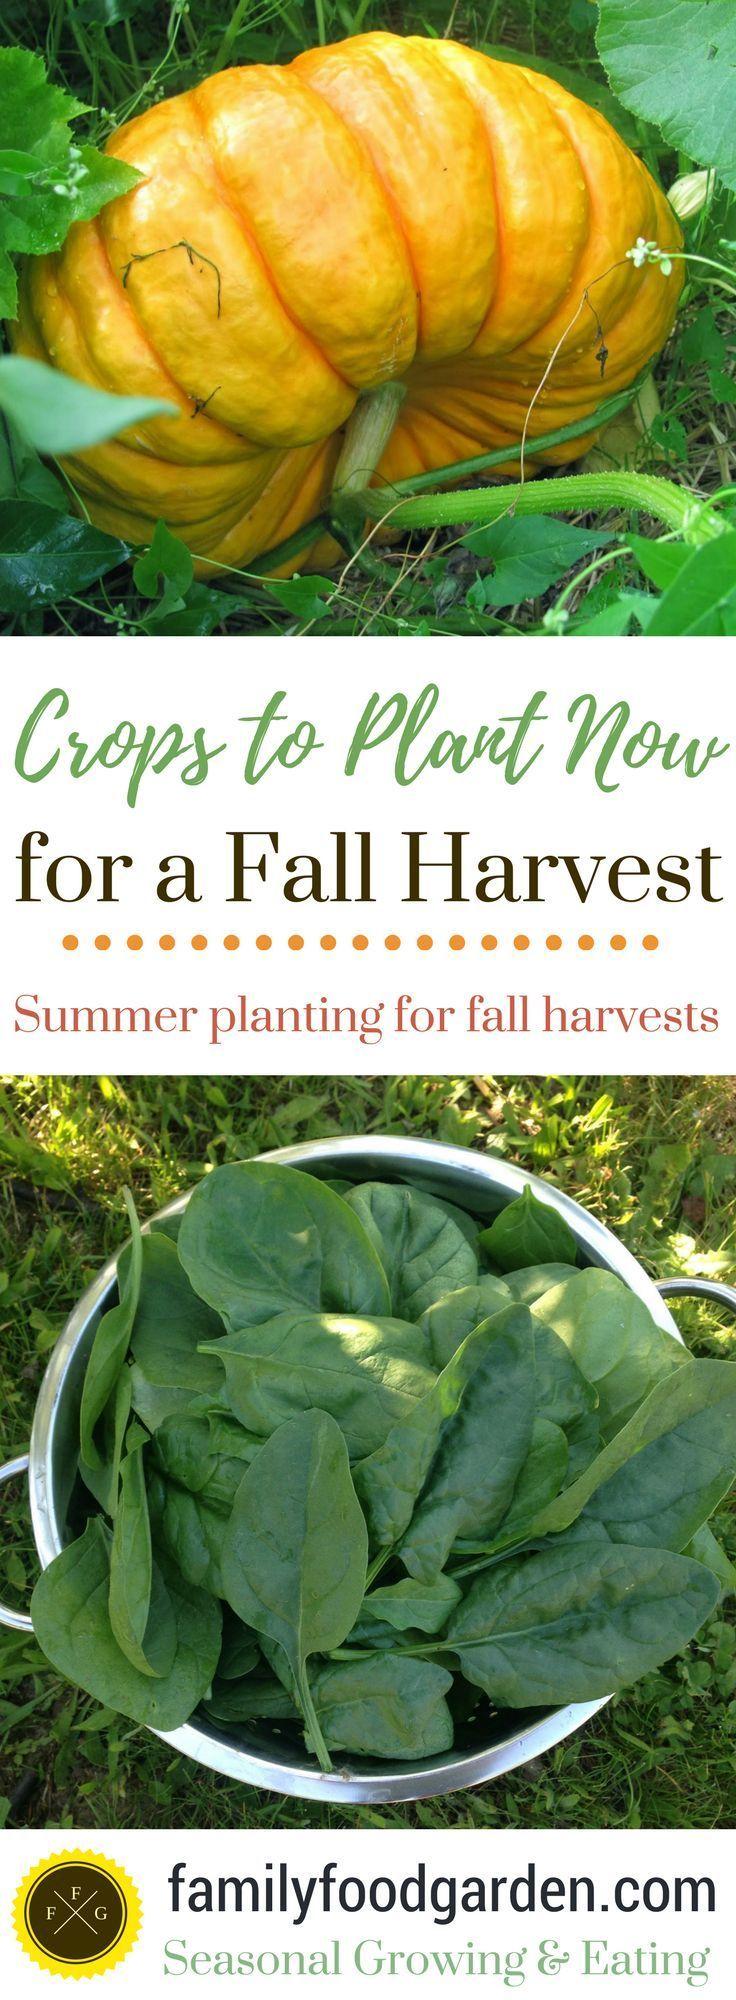 695 best home gardening tips images on pinterest vegetable